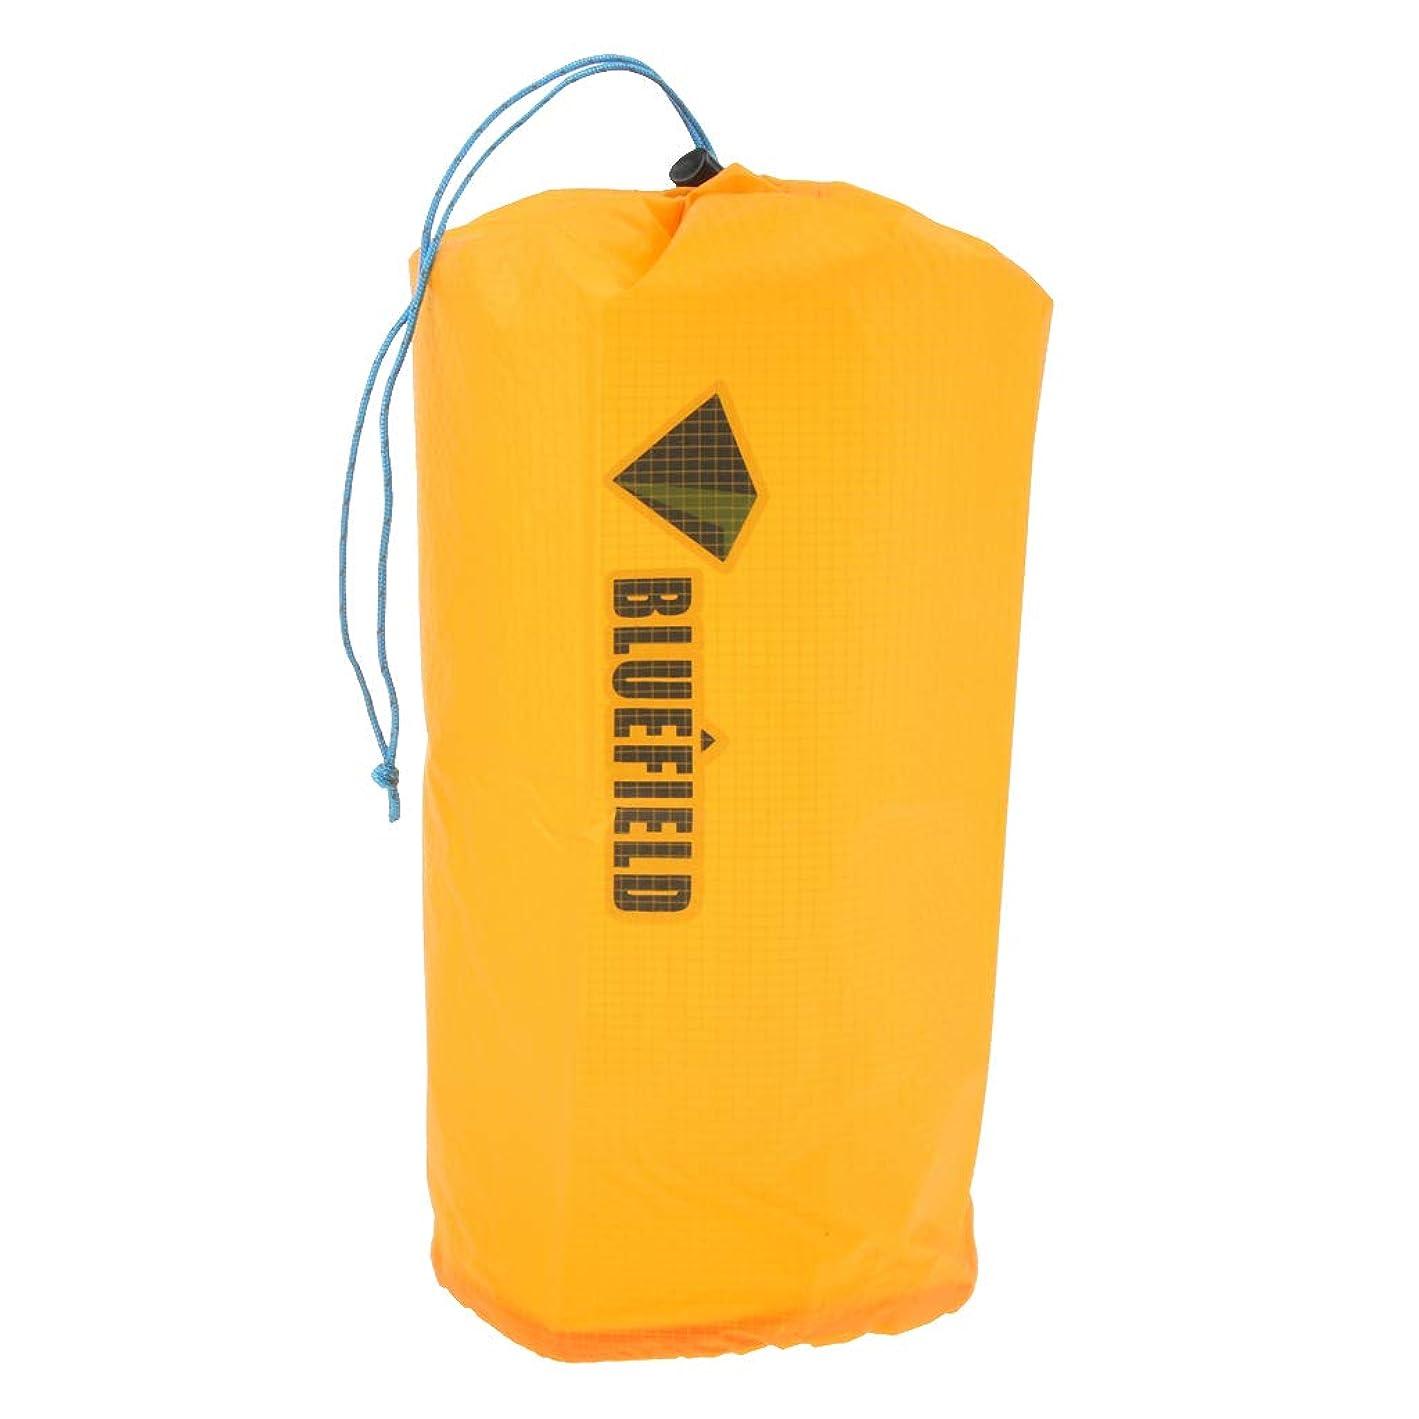 地下室用心再編成するT TOOYFUL スタッフバッグ 収納袋 巾着バッグ ドライバッグ 巾着袋 耐久性 防水性 耐引裂性 全3カラー